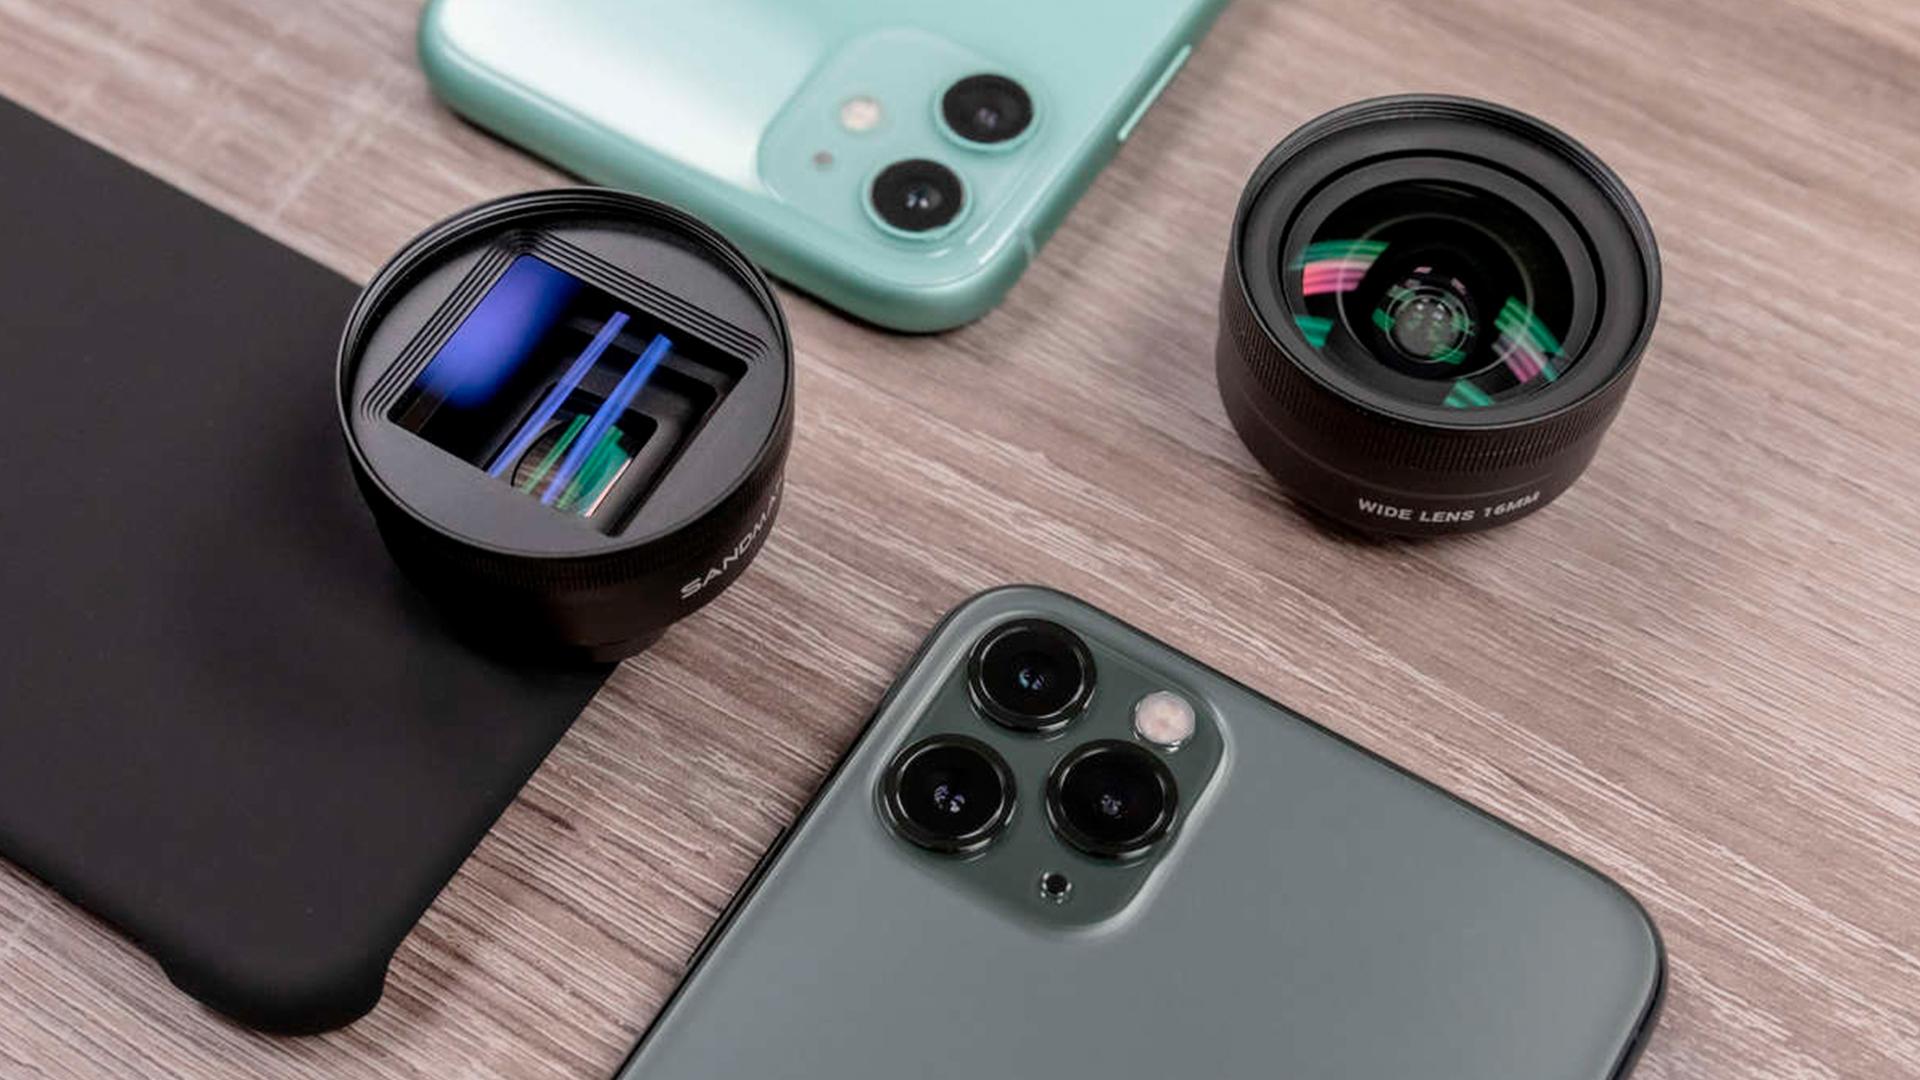 SANDMARCが新iPhone用レンズとフィルターを発売